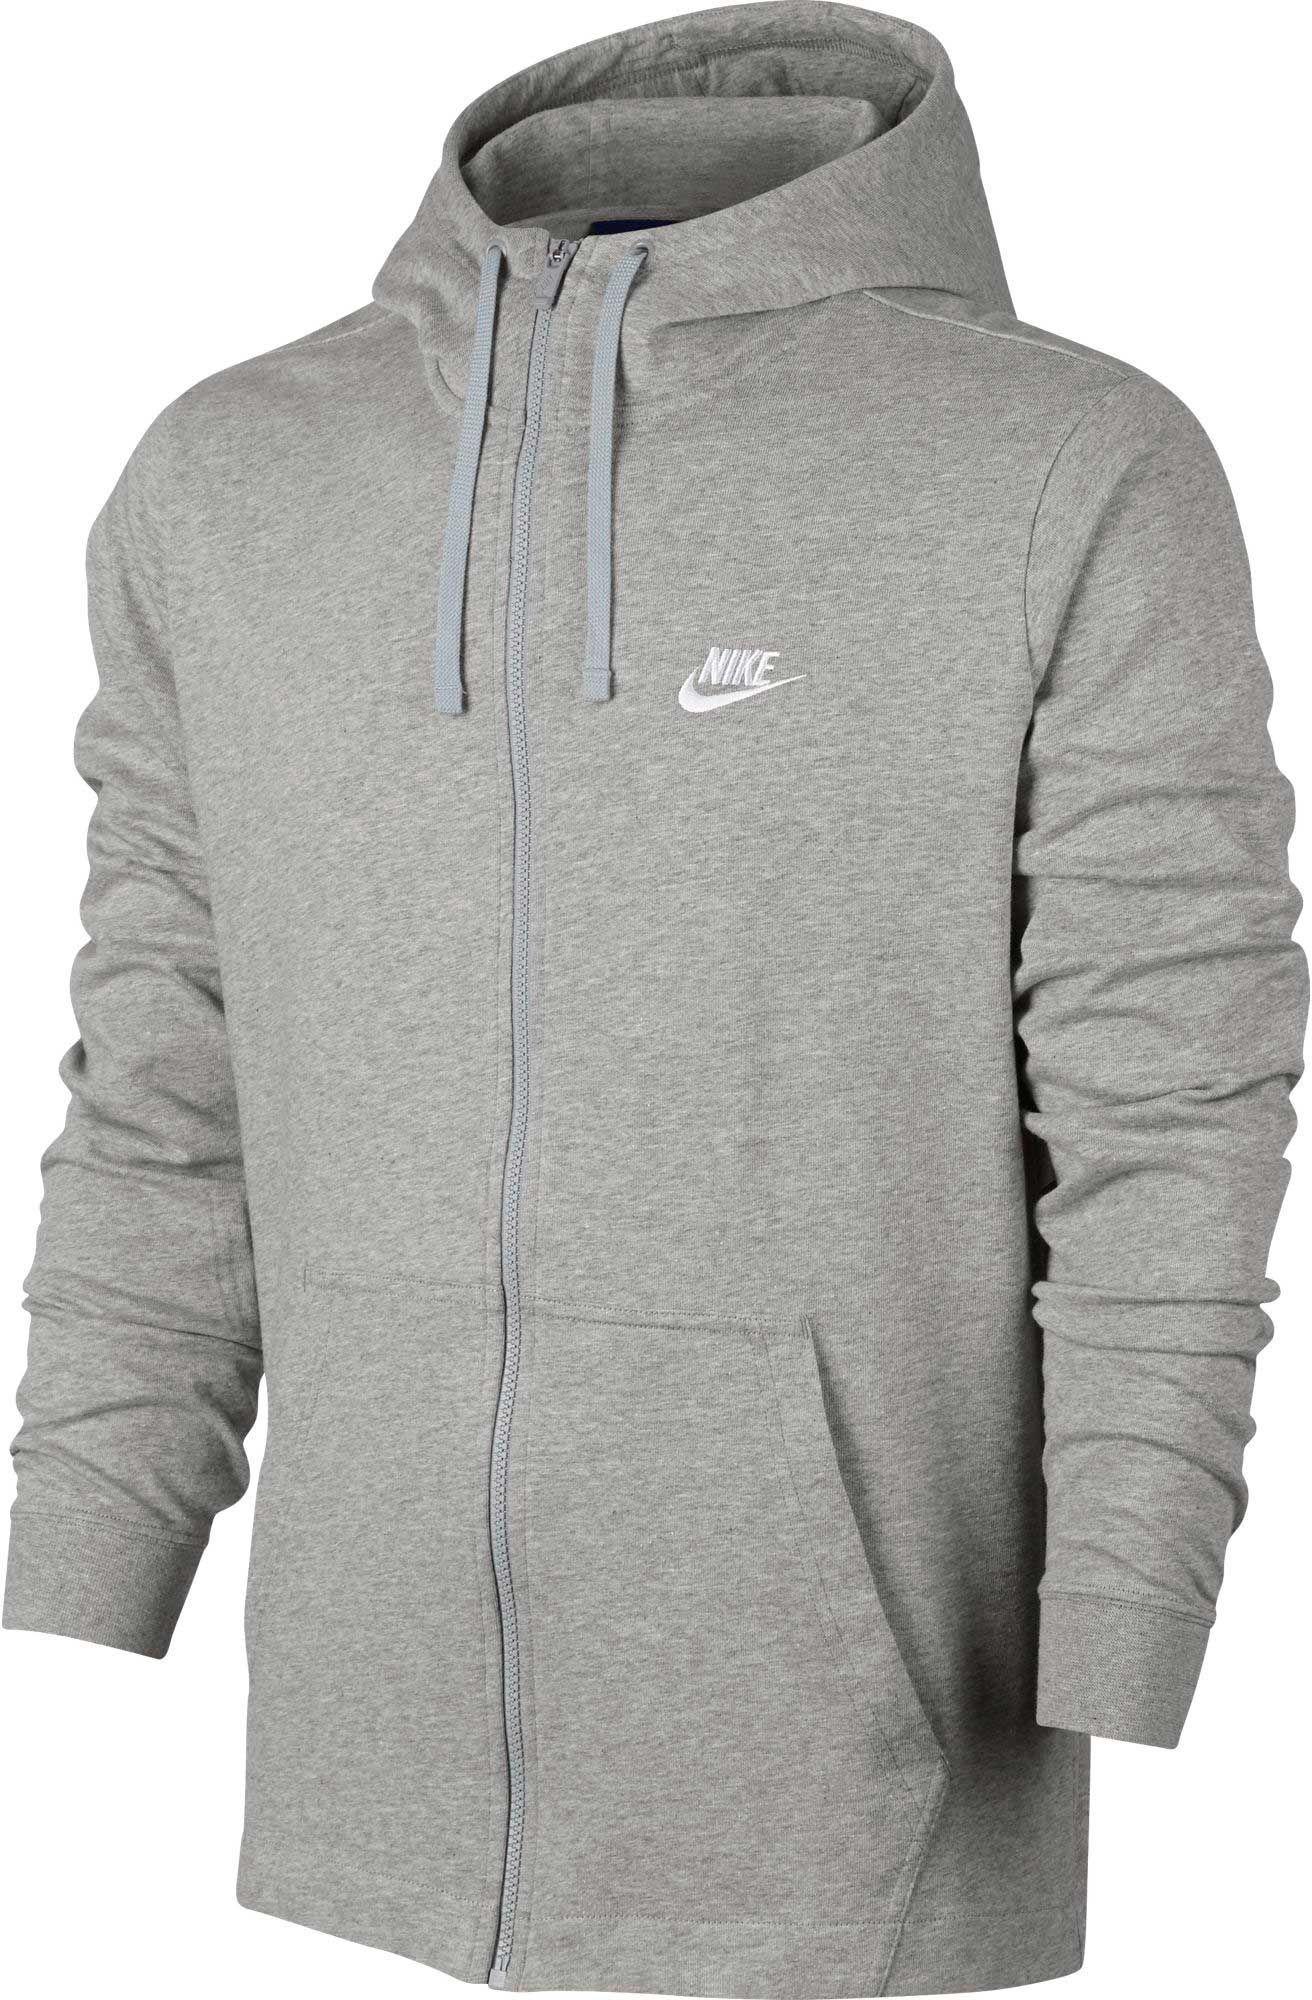 Nike Men's Sportswear Full Zip Hoodie, Size: XL, Dk Grey